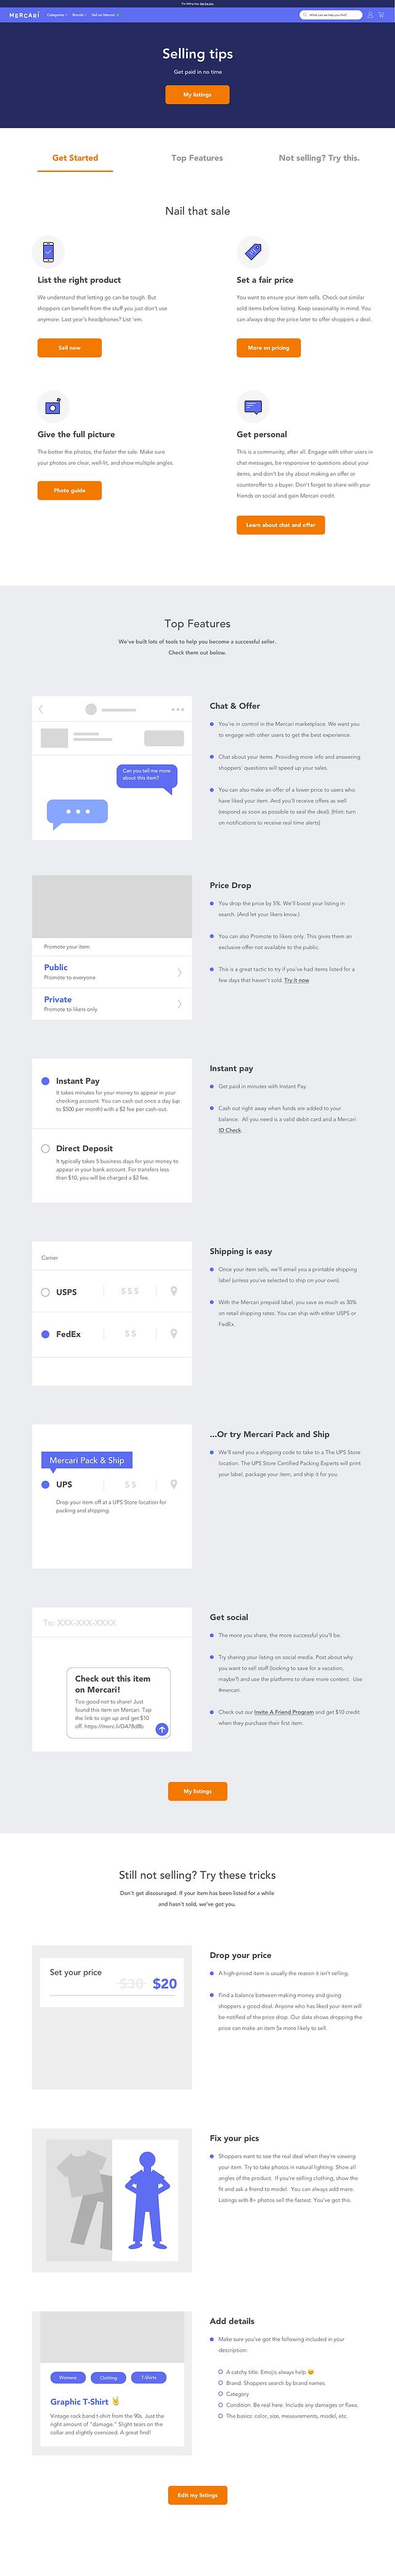 Landing Page 2 Desktop.png